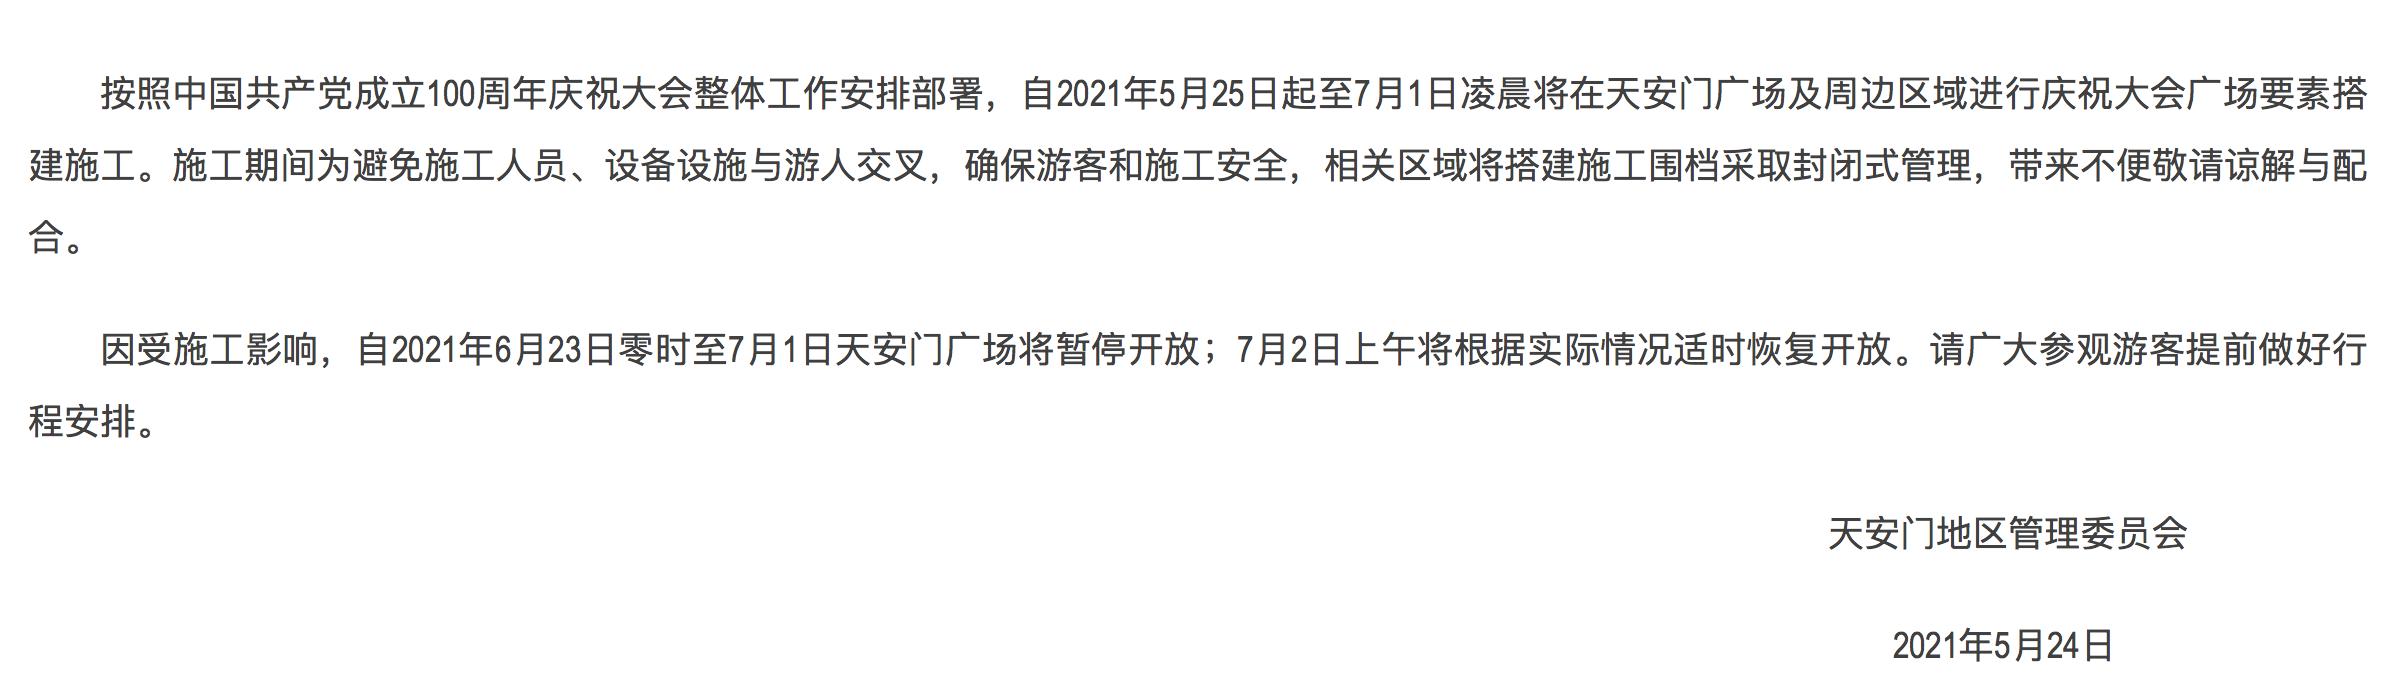 Tiananmen-Closure.png